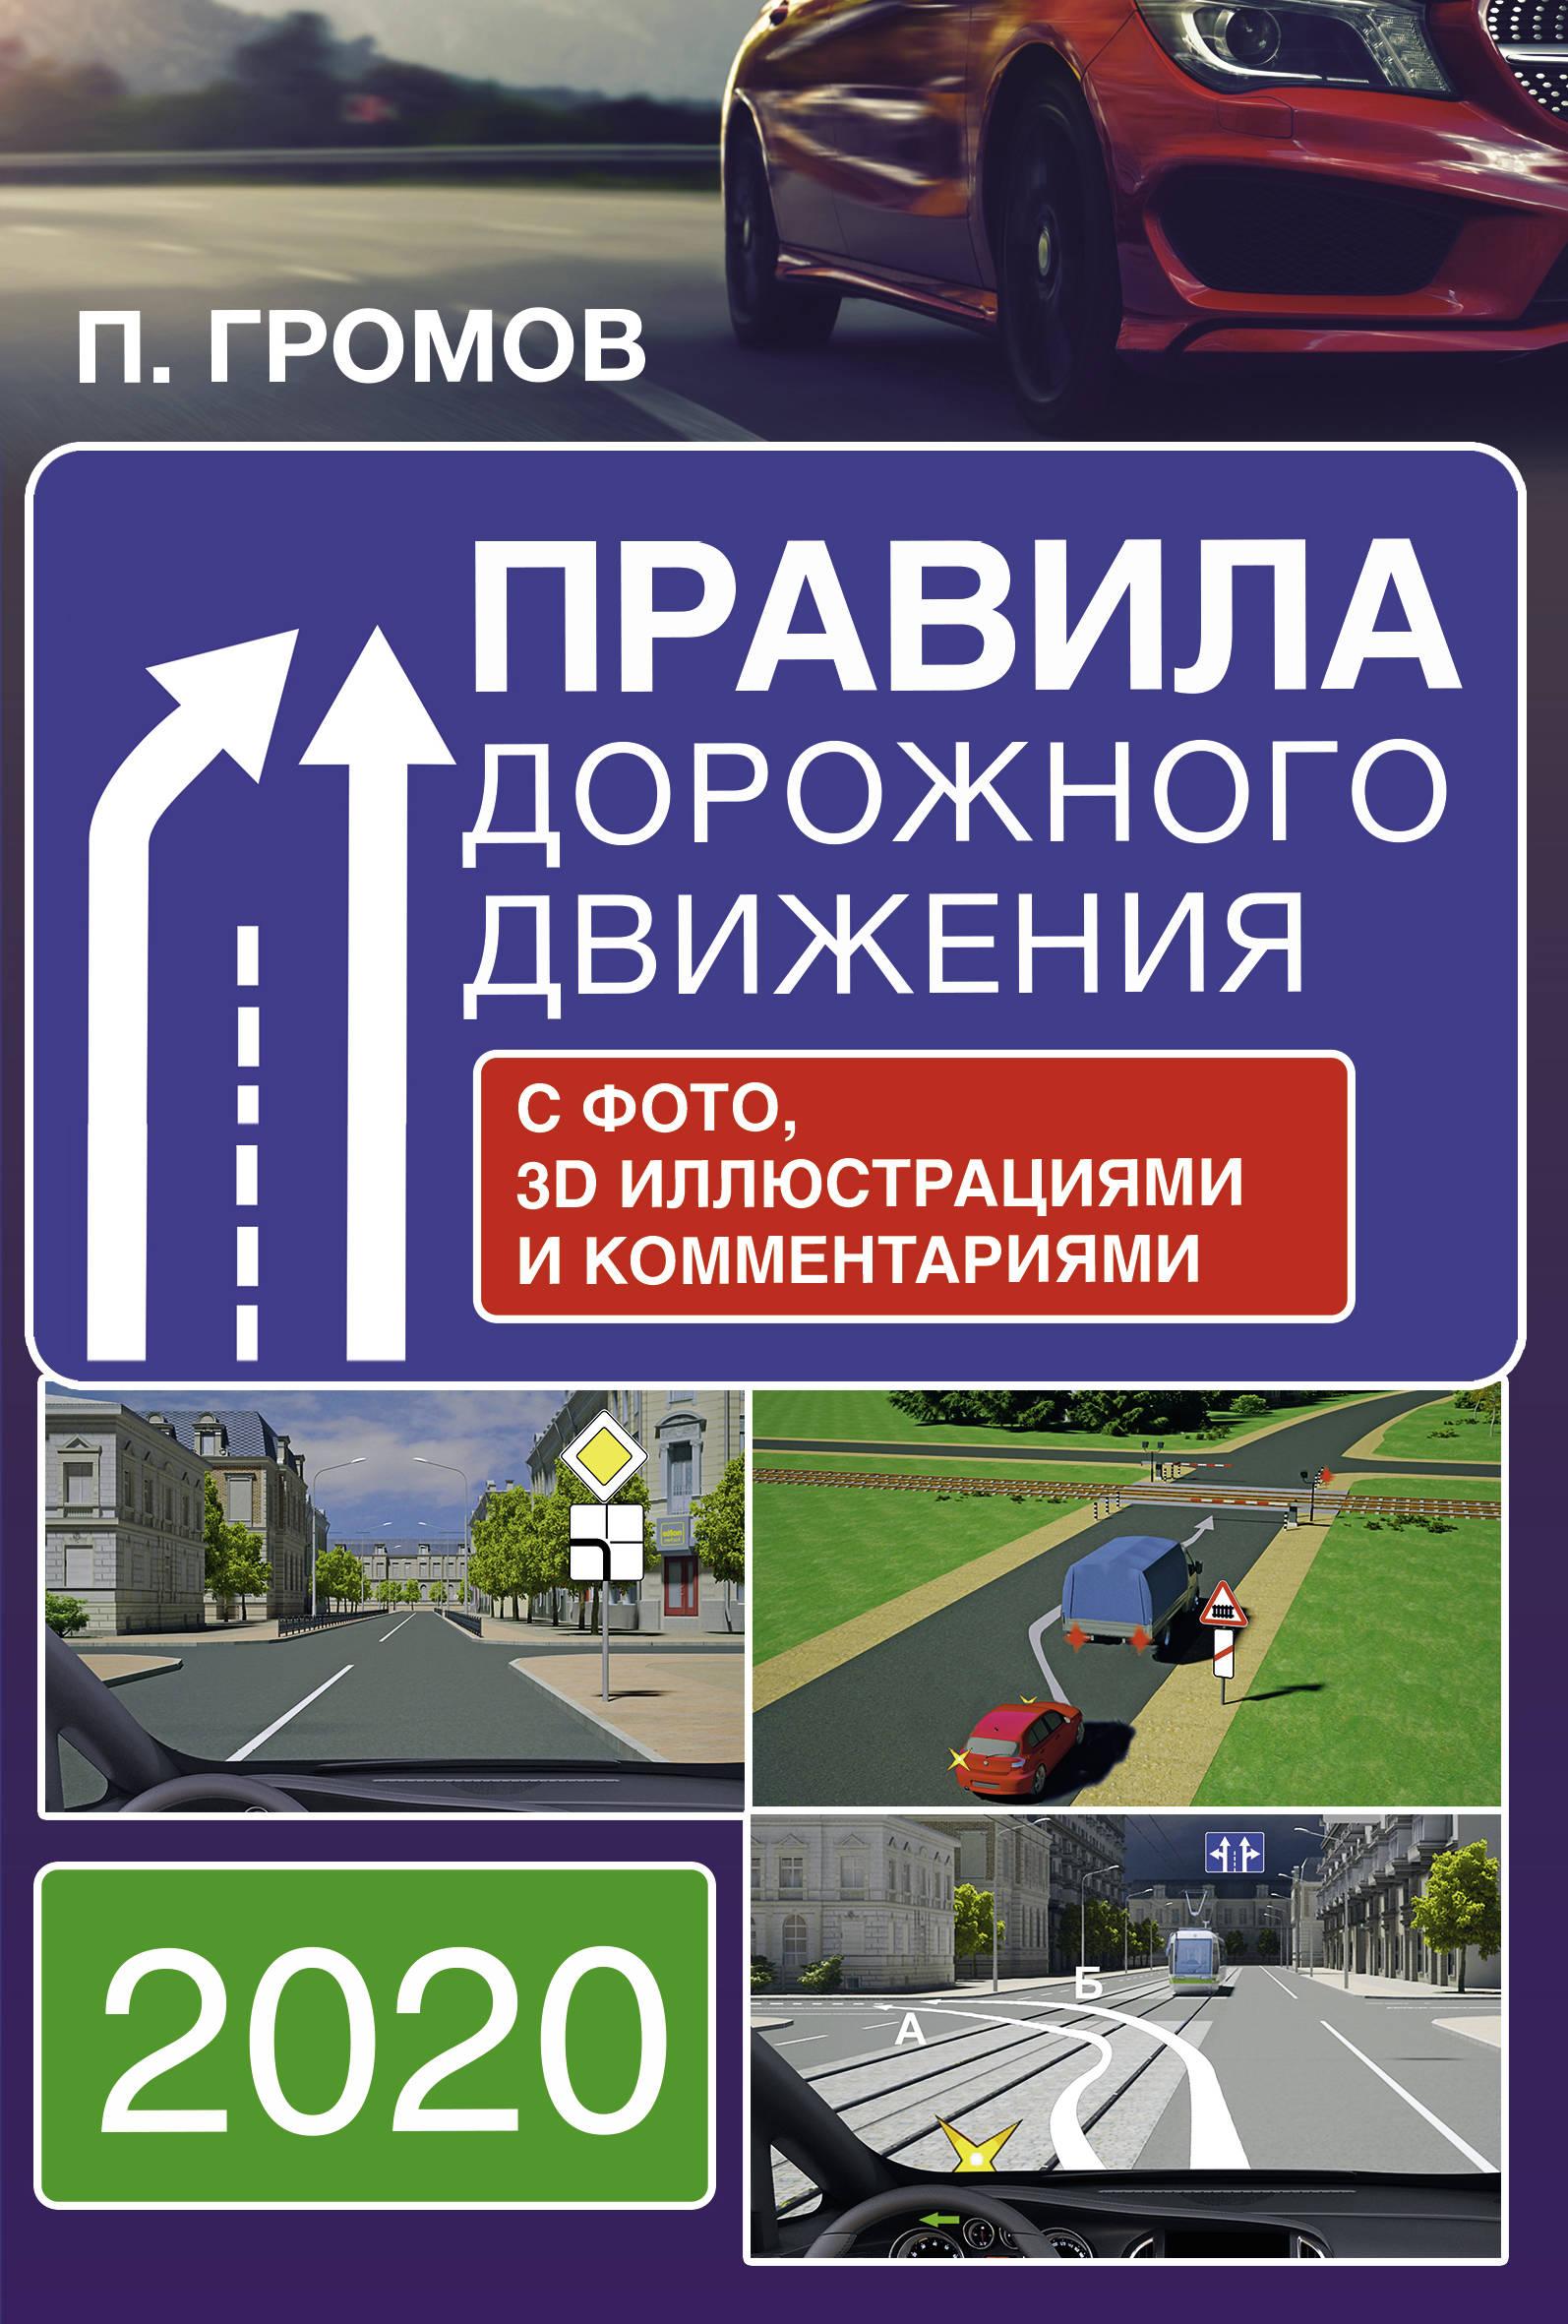 Правила дорожного движения с фото, 3D иллюстрациями и комментариями на 2020 год | Громов П. М.